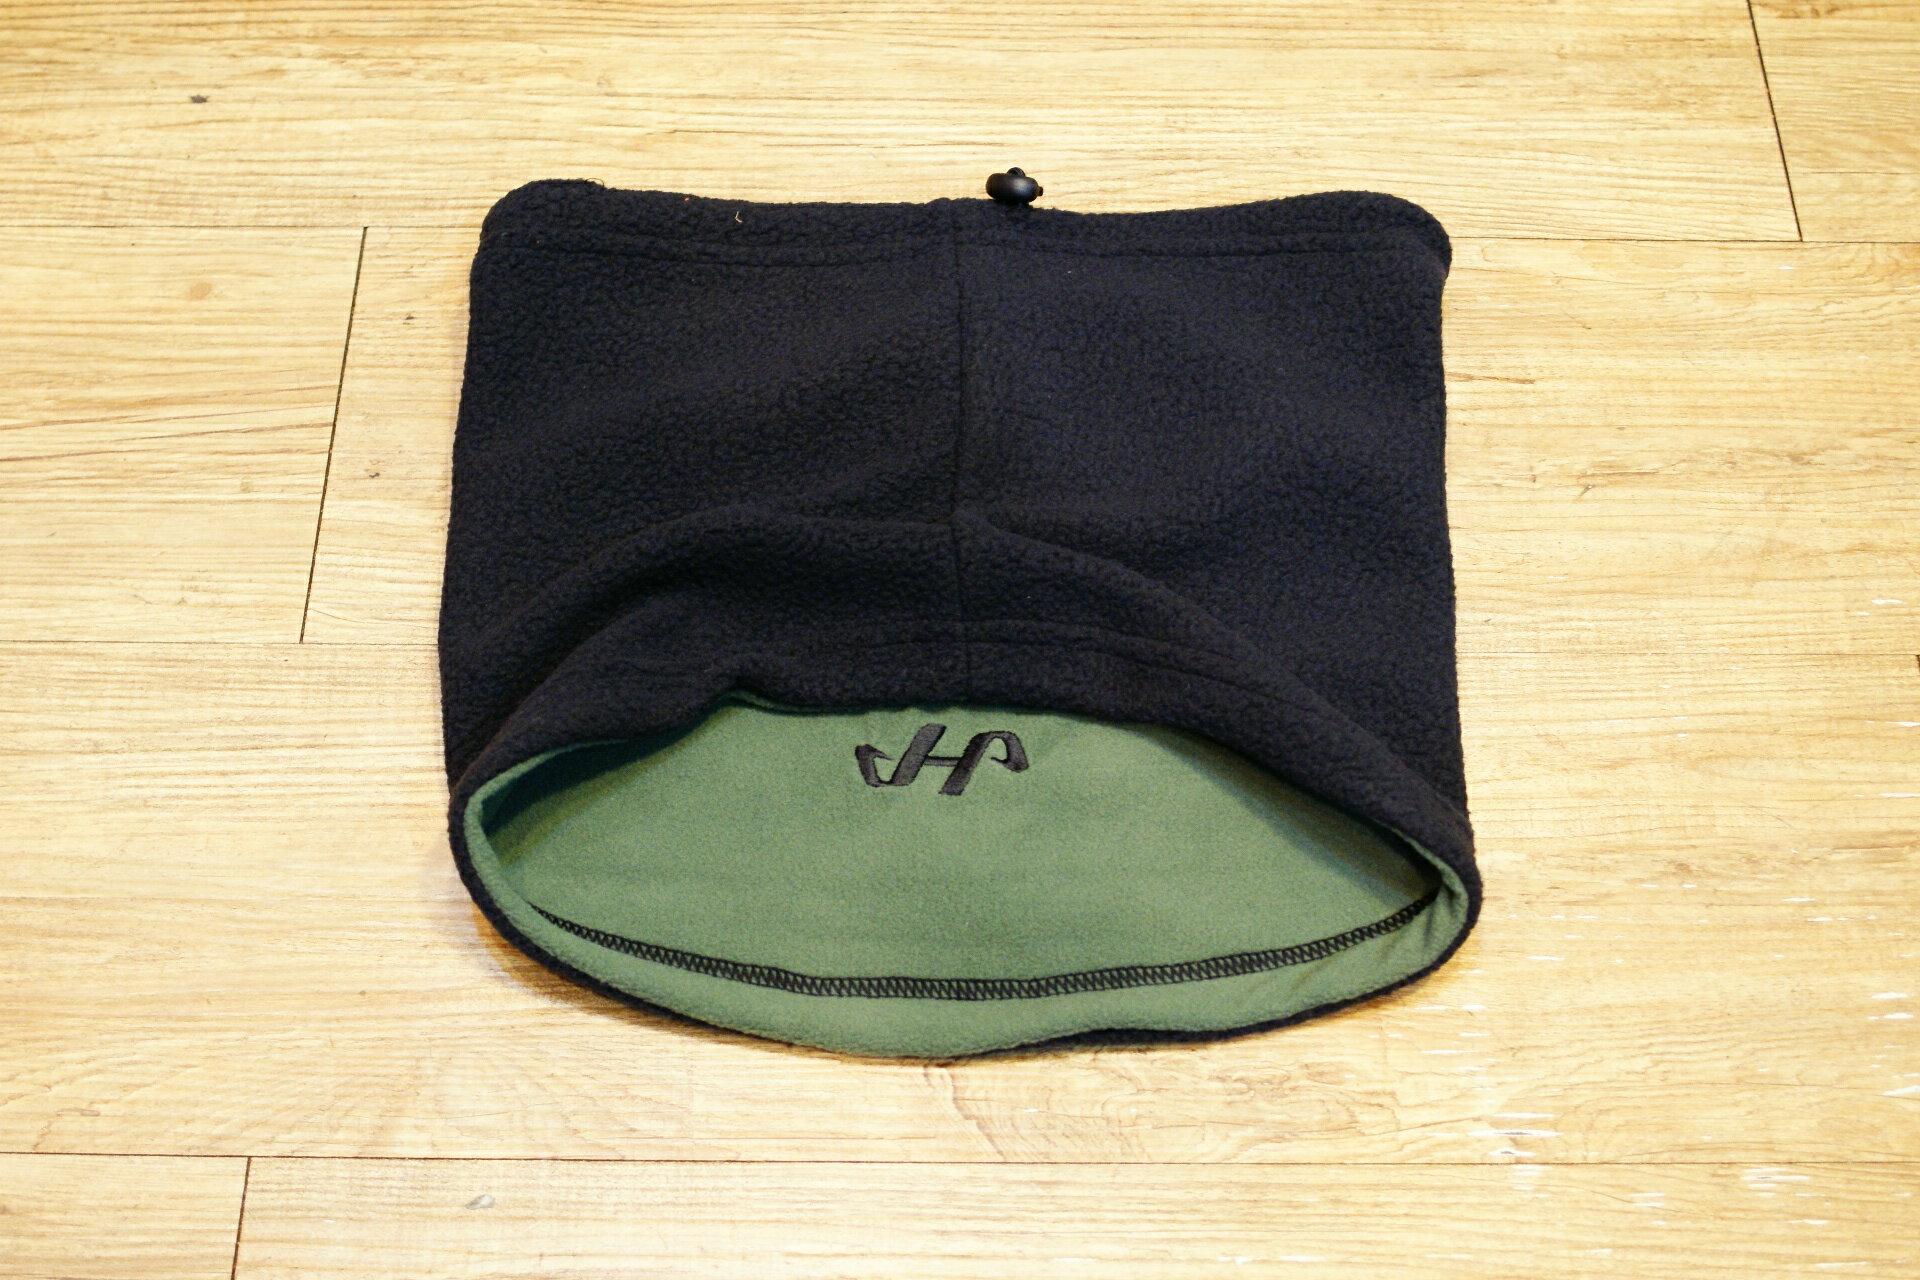 棒球世界 『HATAKEYAMA』 保暖護頸 特價 黑綠配色 暖暖上市